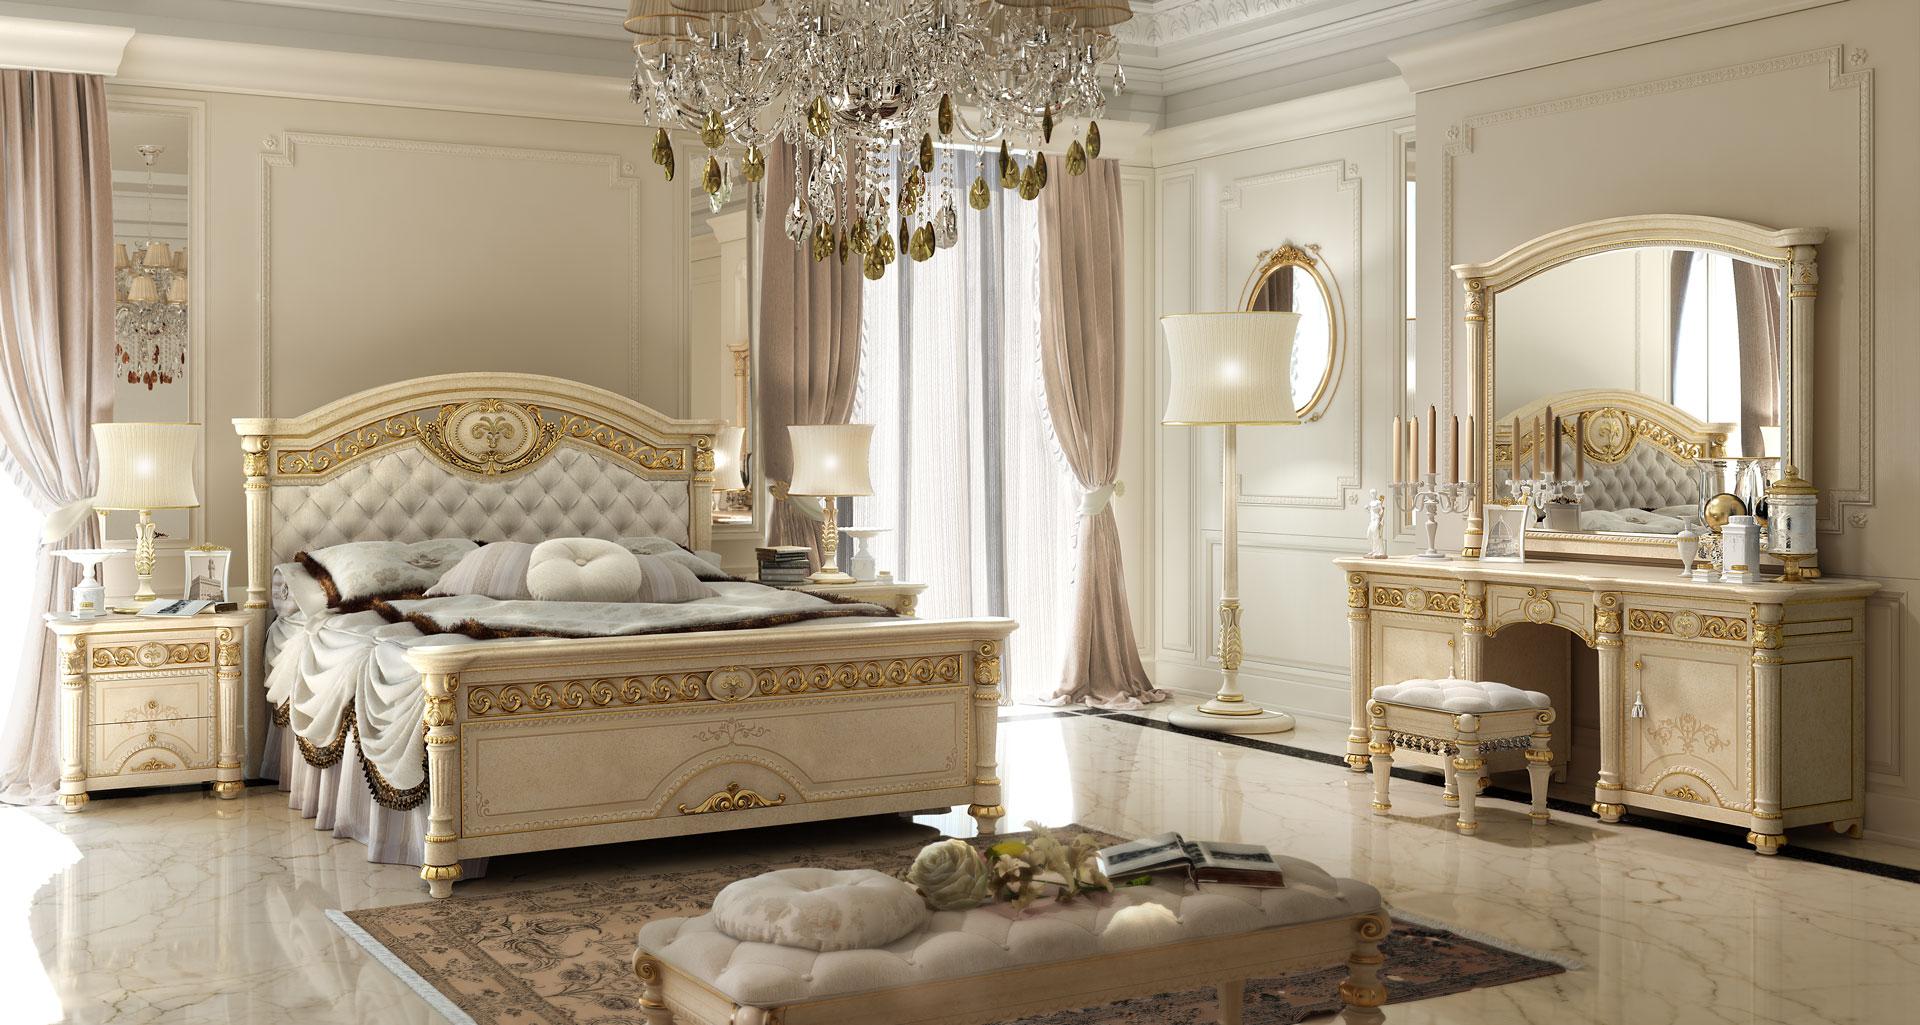 Camere da letto classiche - Camera da letto marinara ...